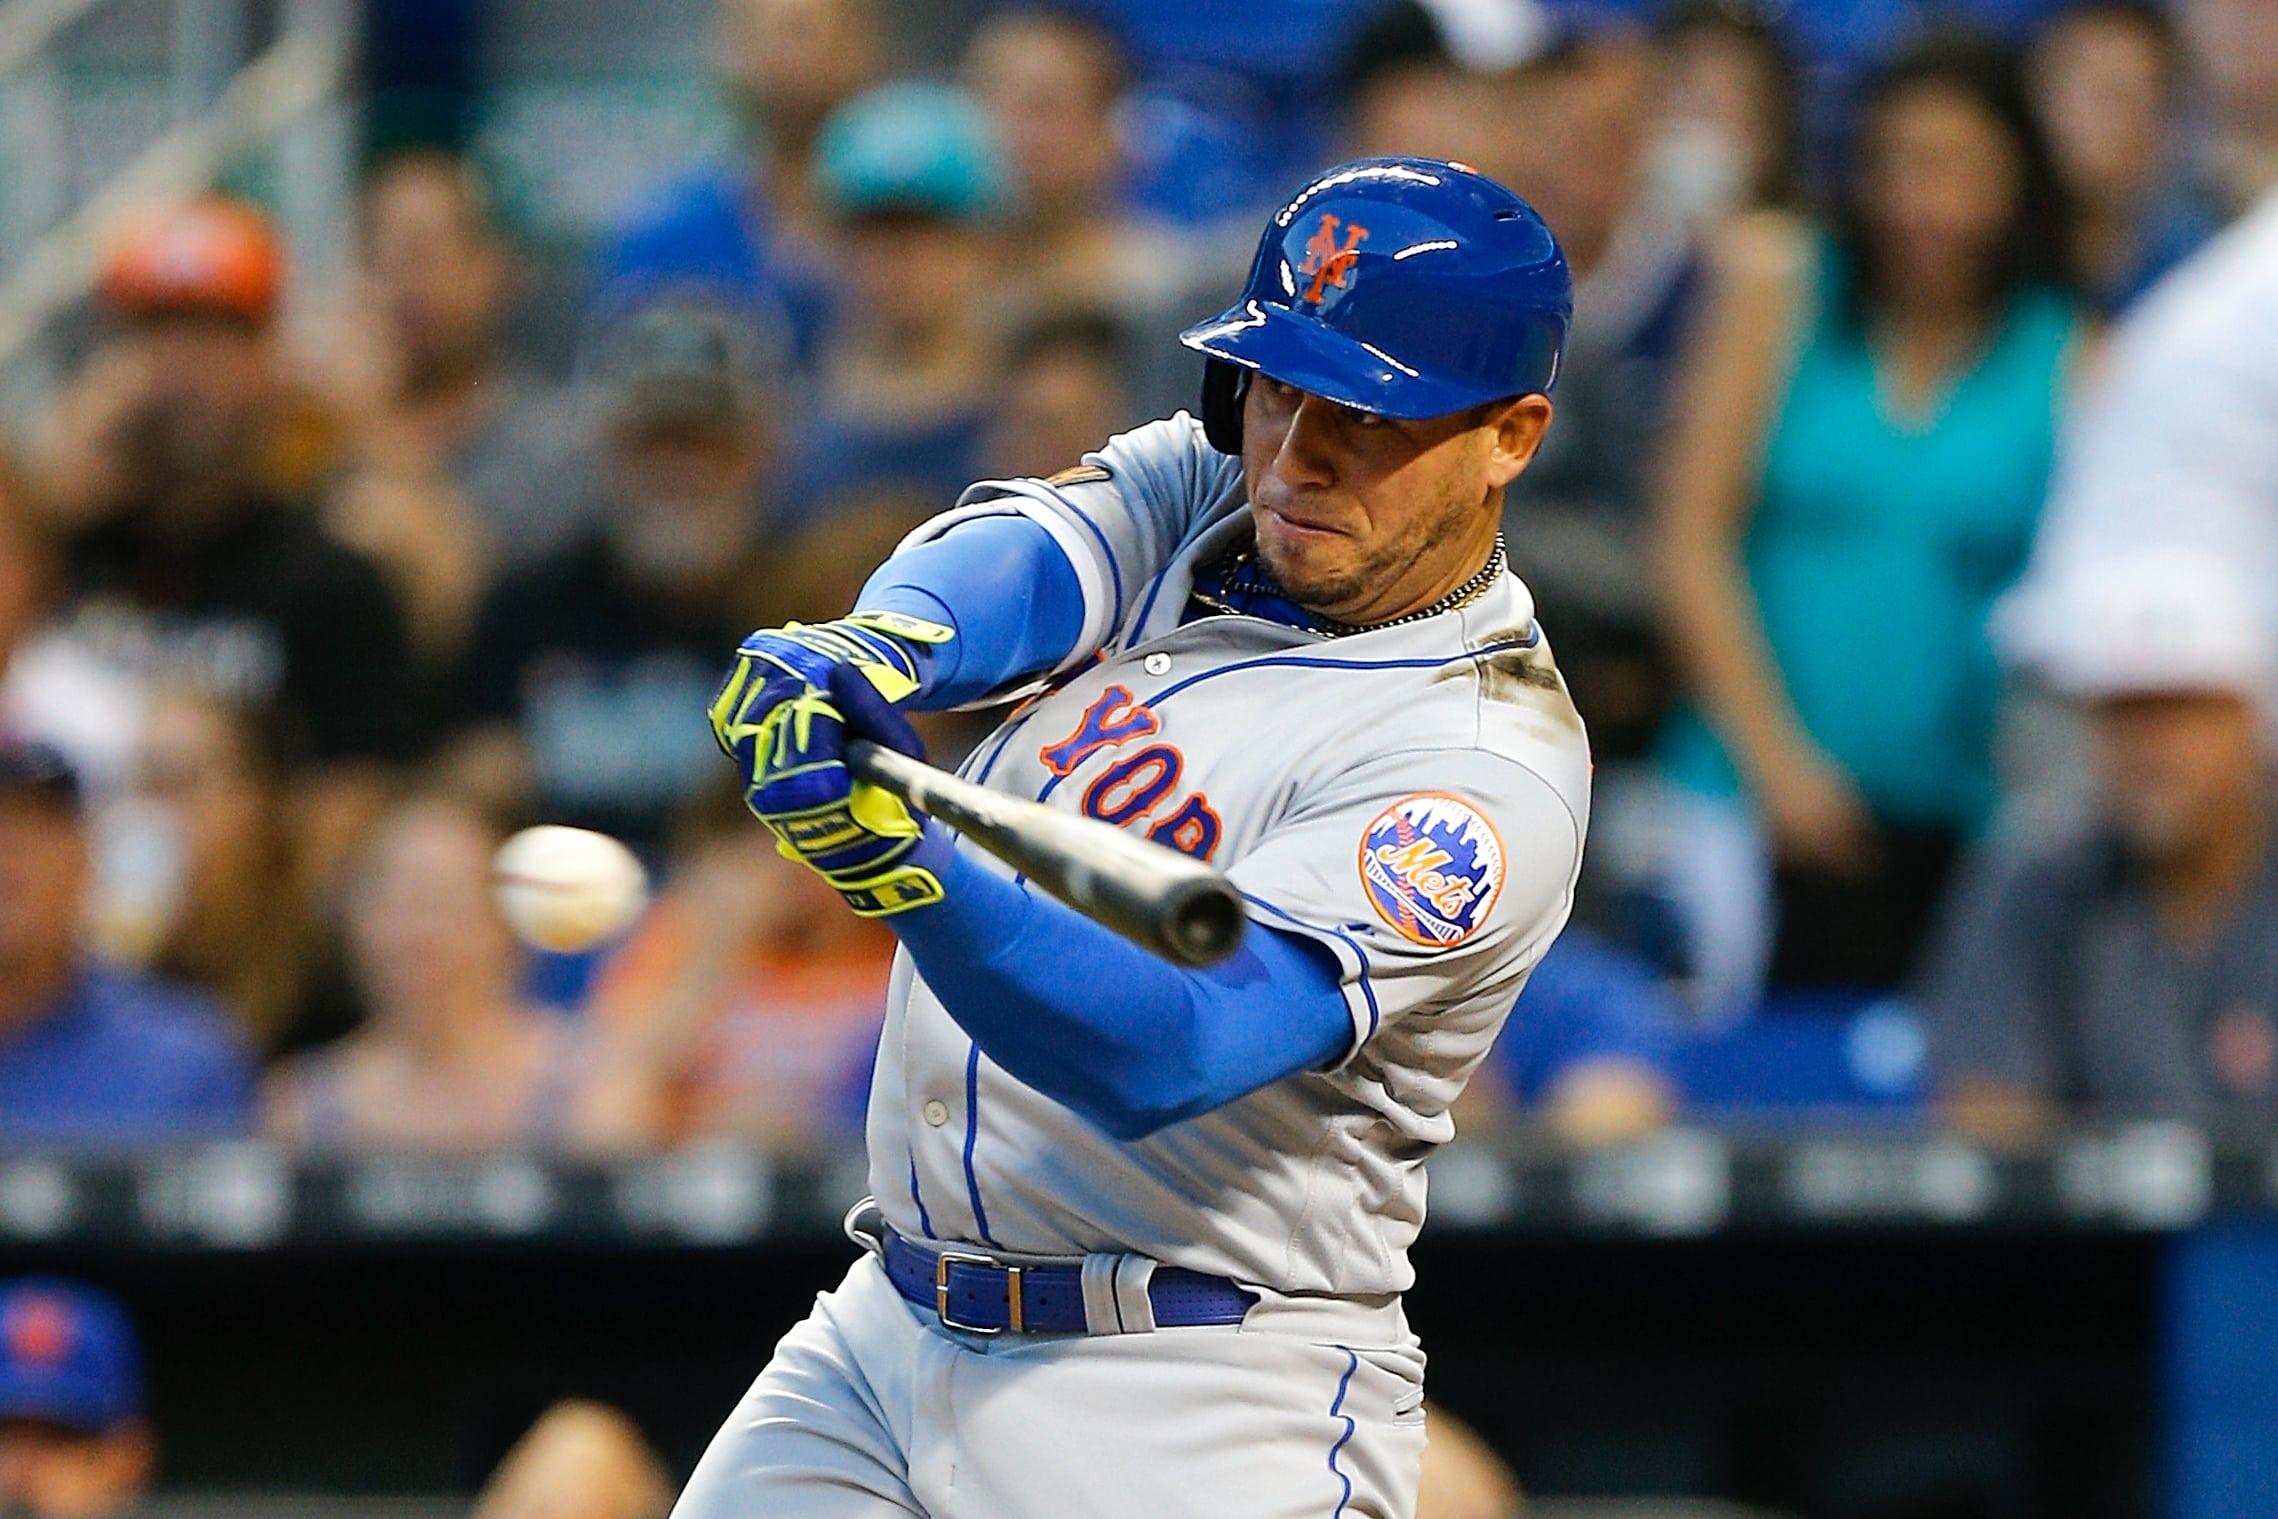 New York Mets, Asdrubal Cabrera